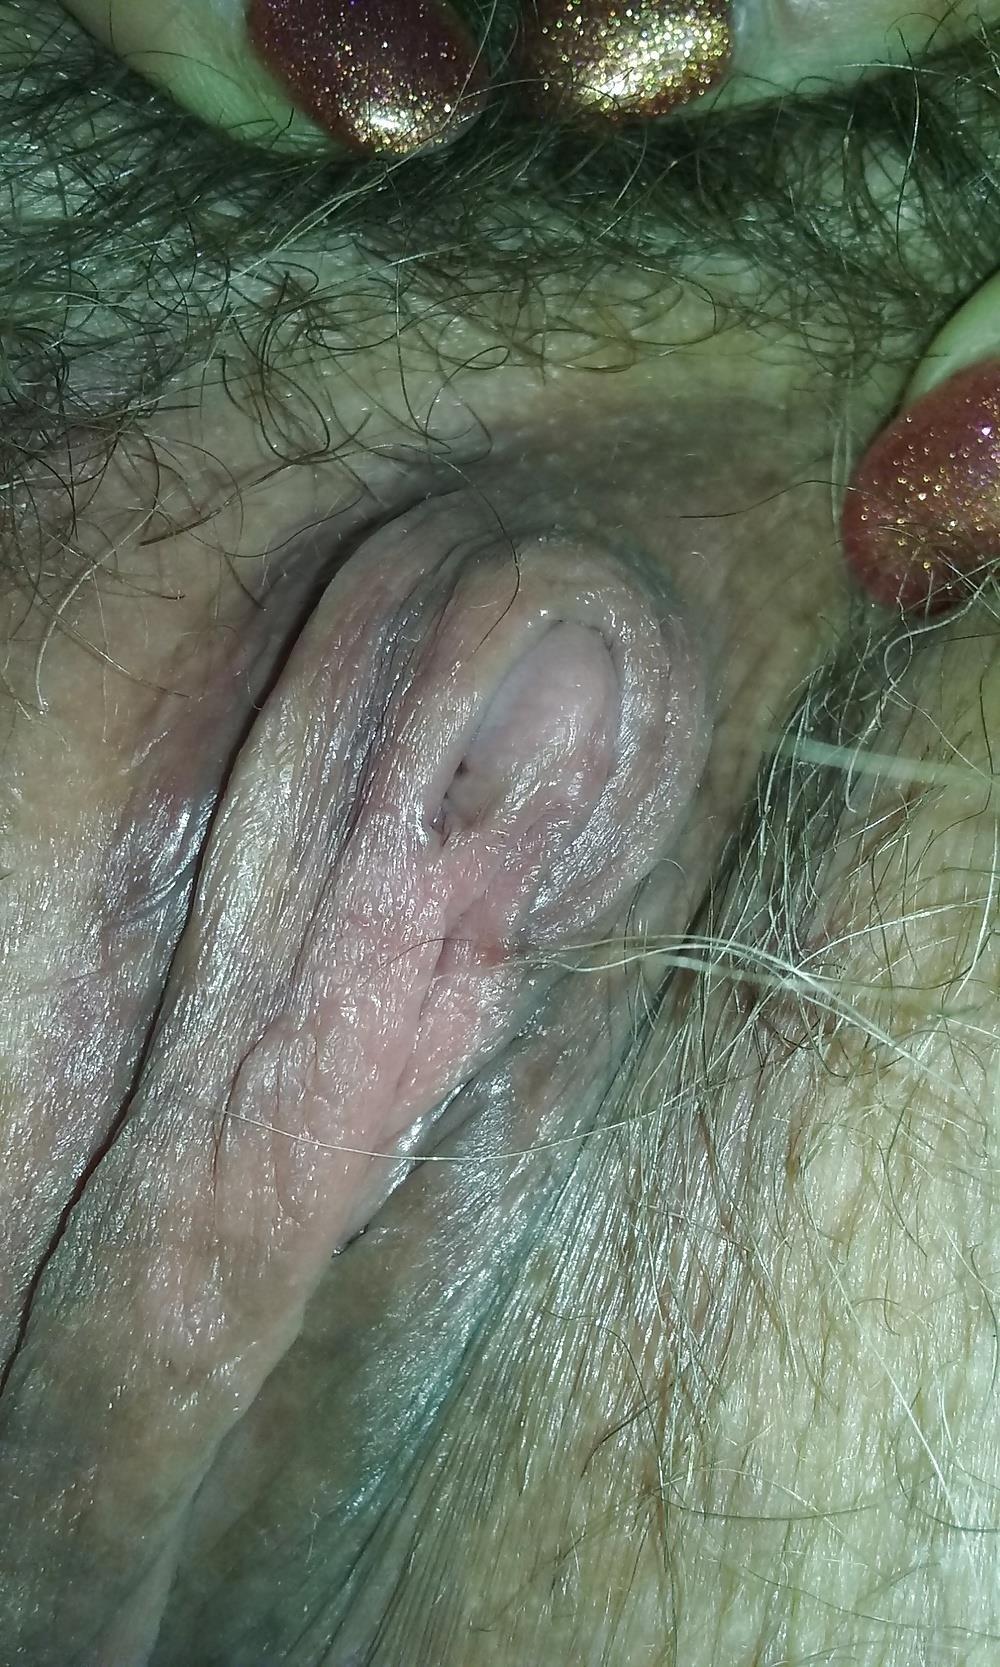 Juicy clit porn-4325